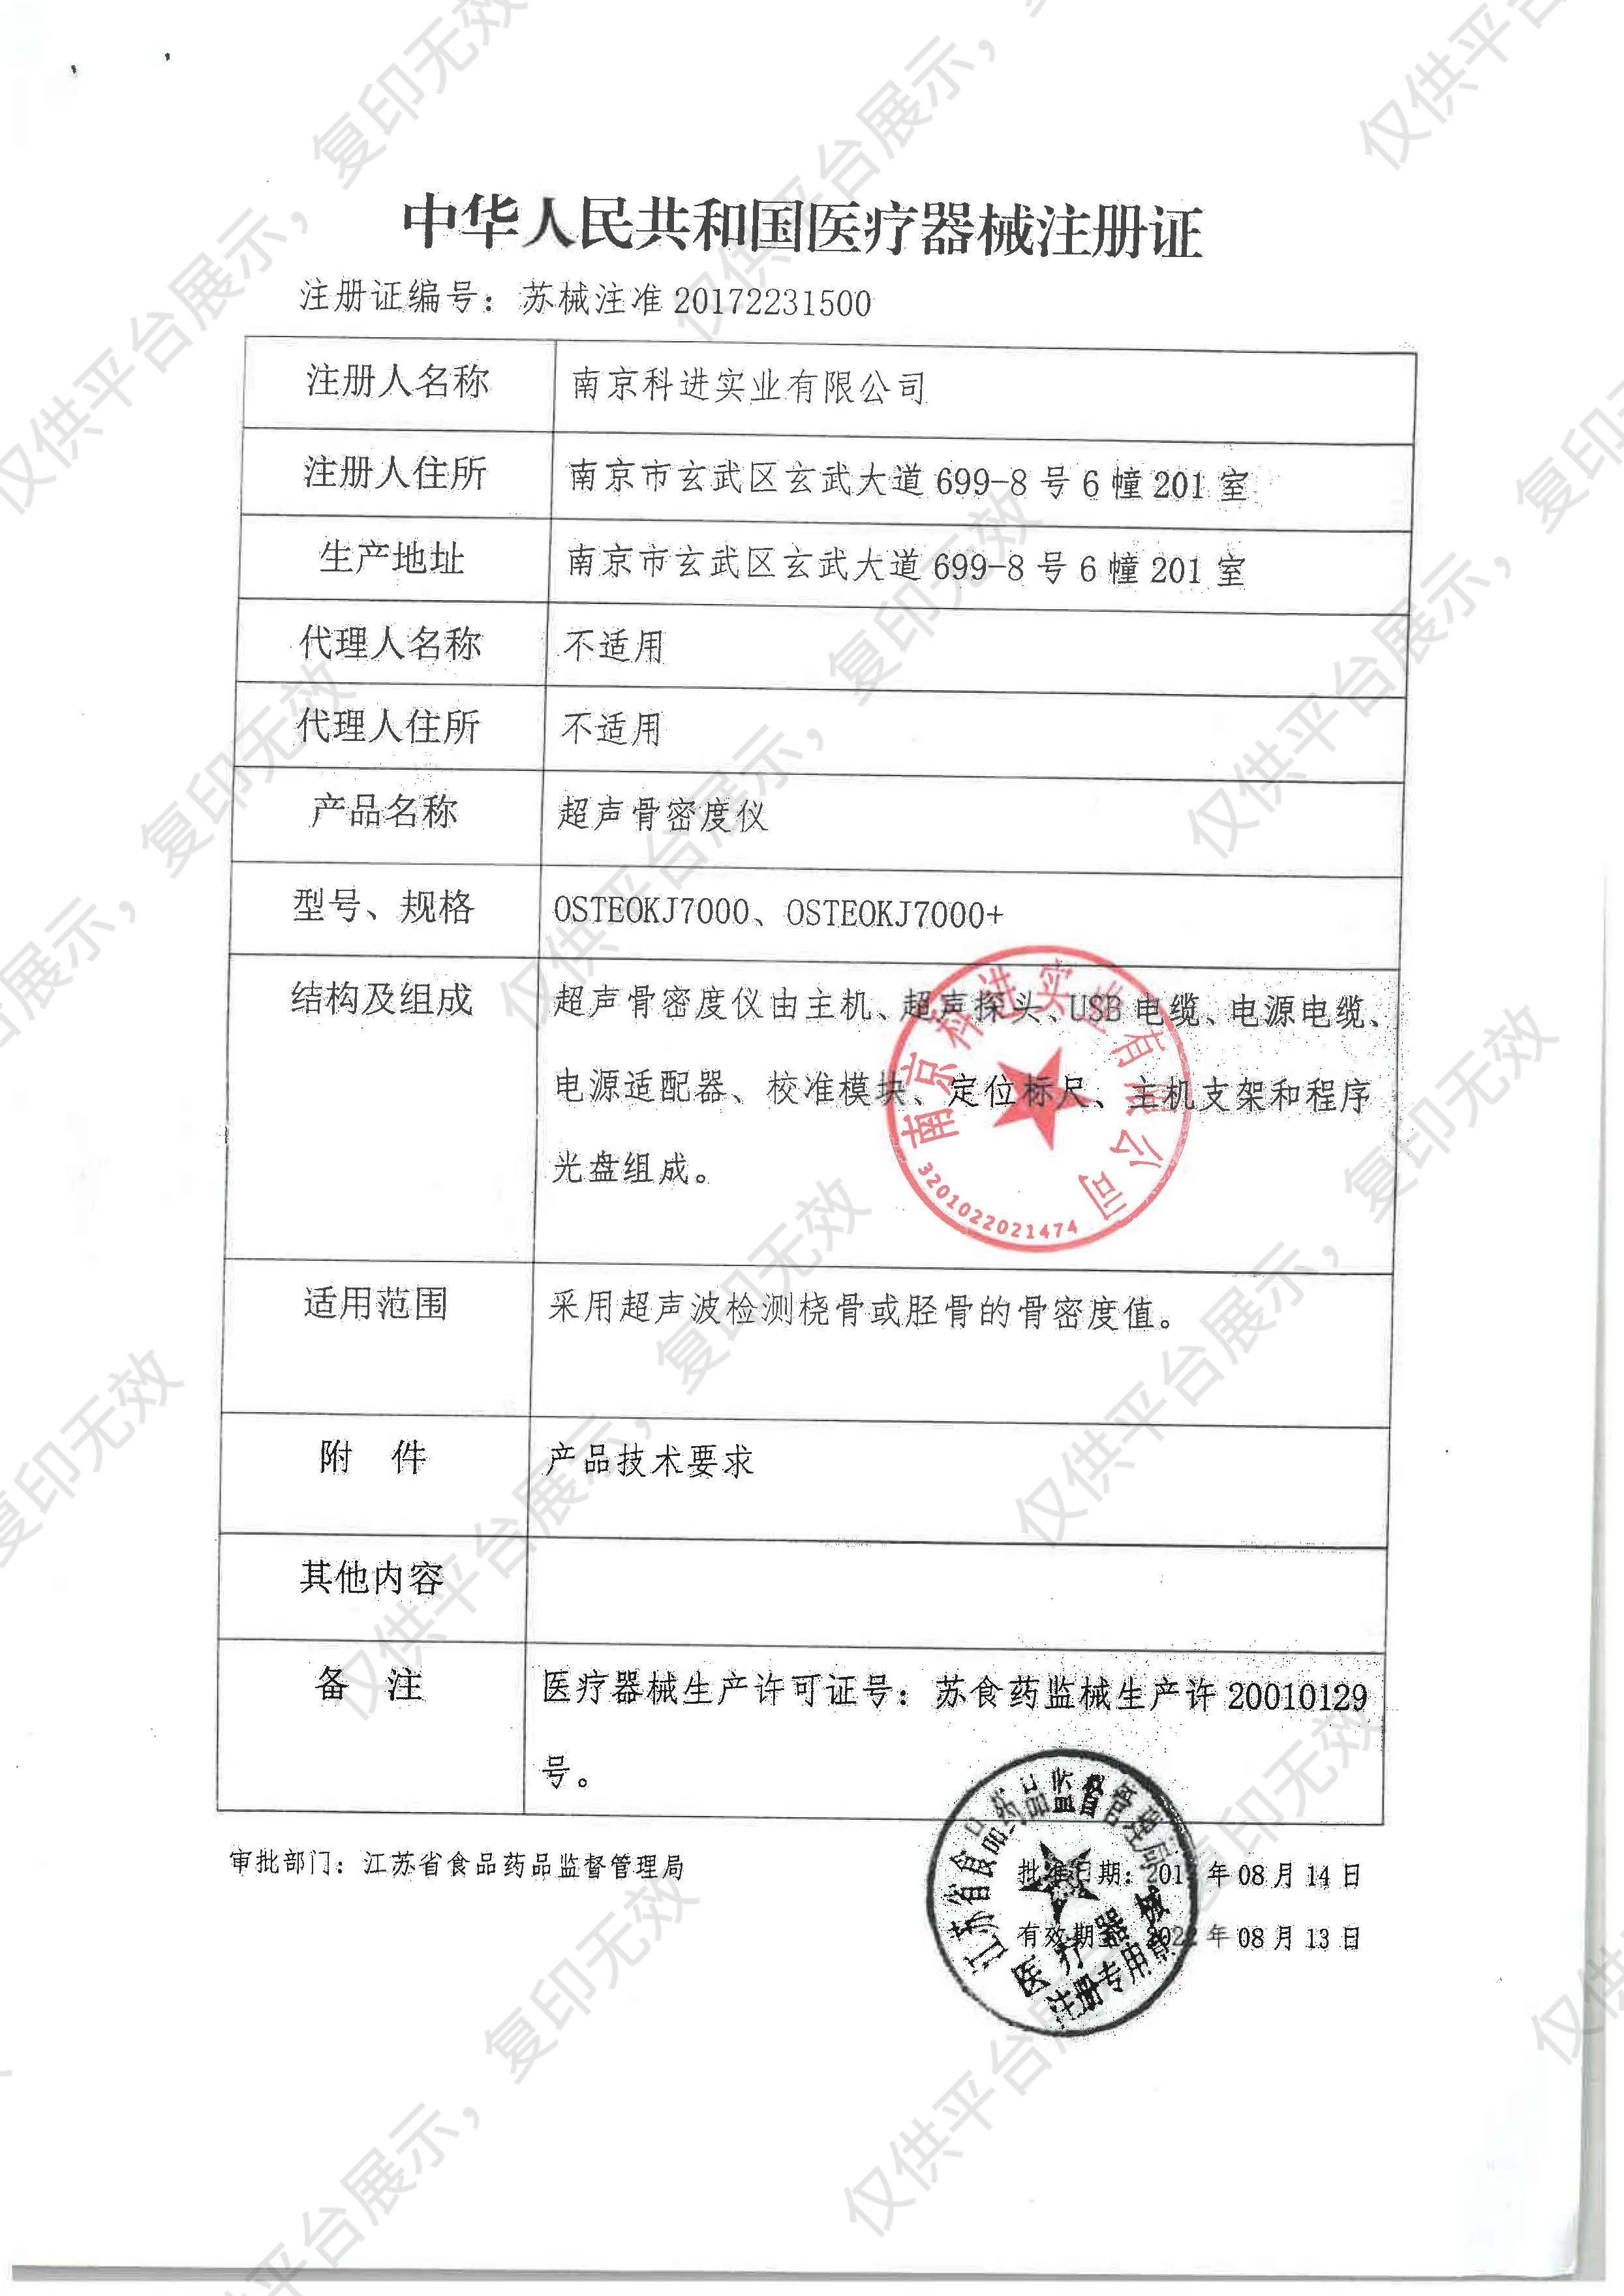 科进Kejin 超声骨密度仪 OSTEOKJ7000+注册证